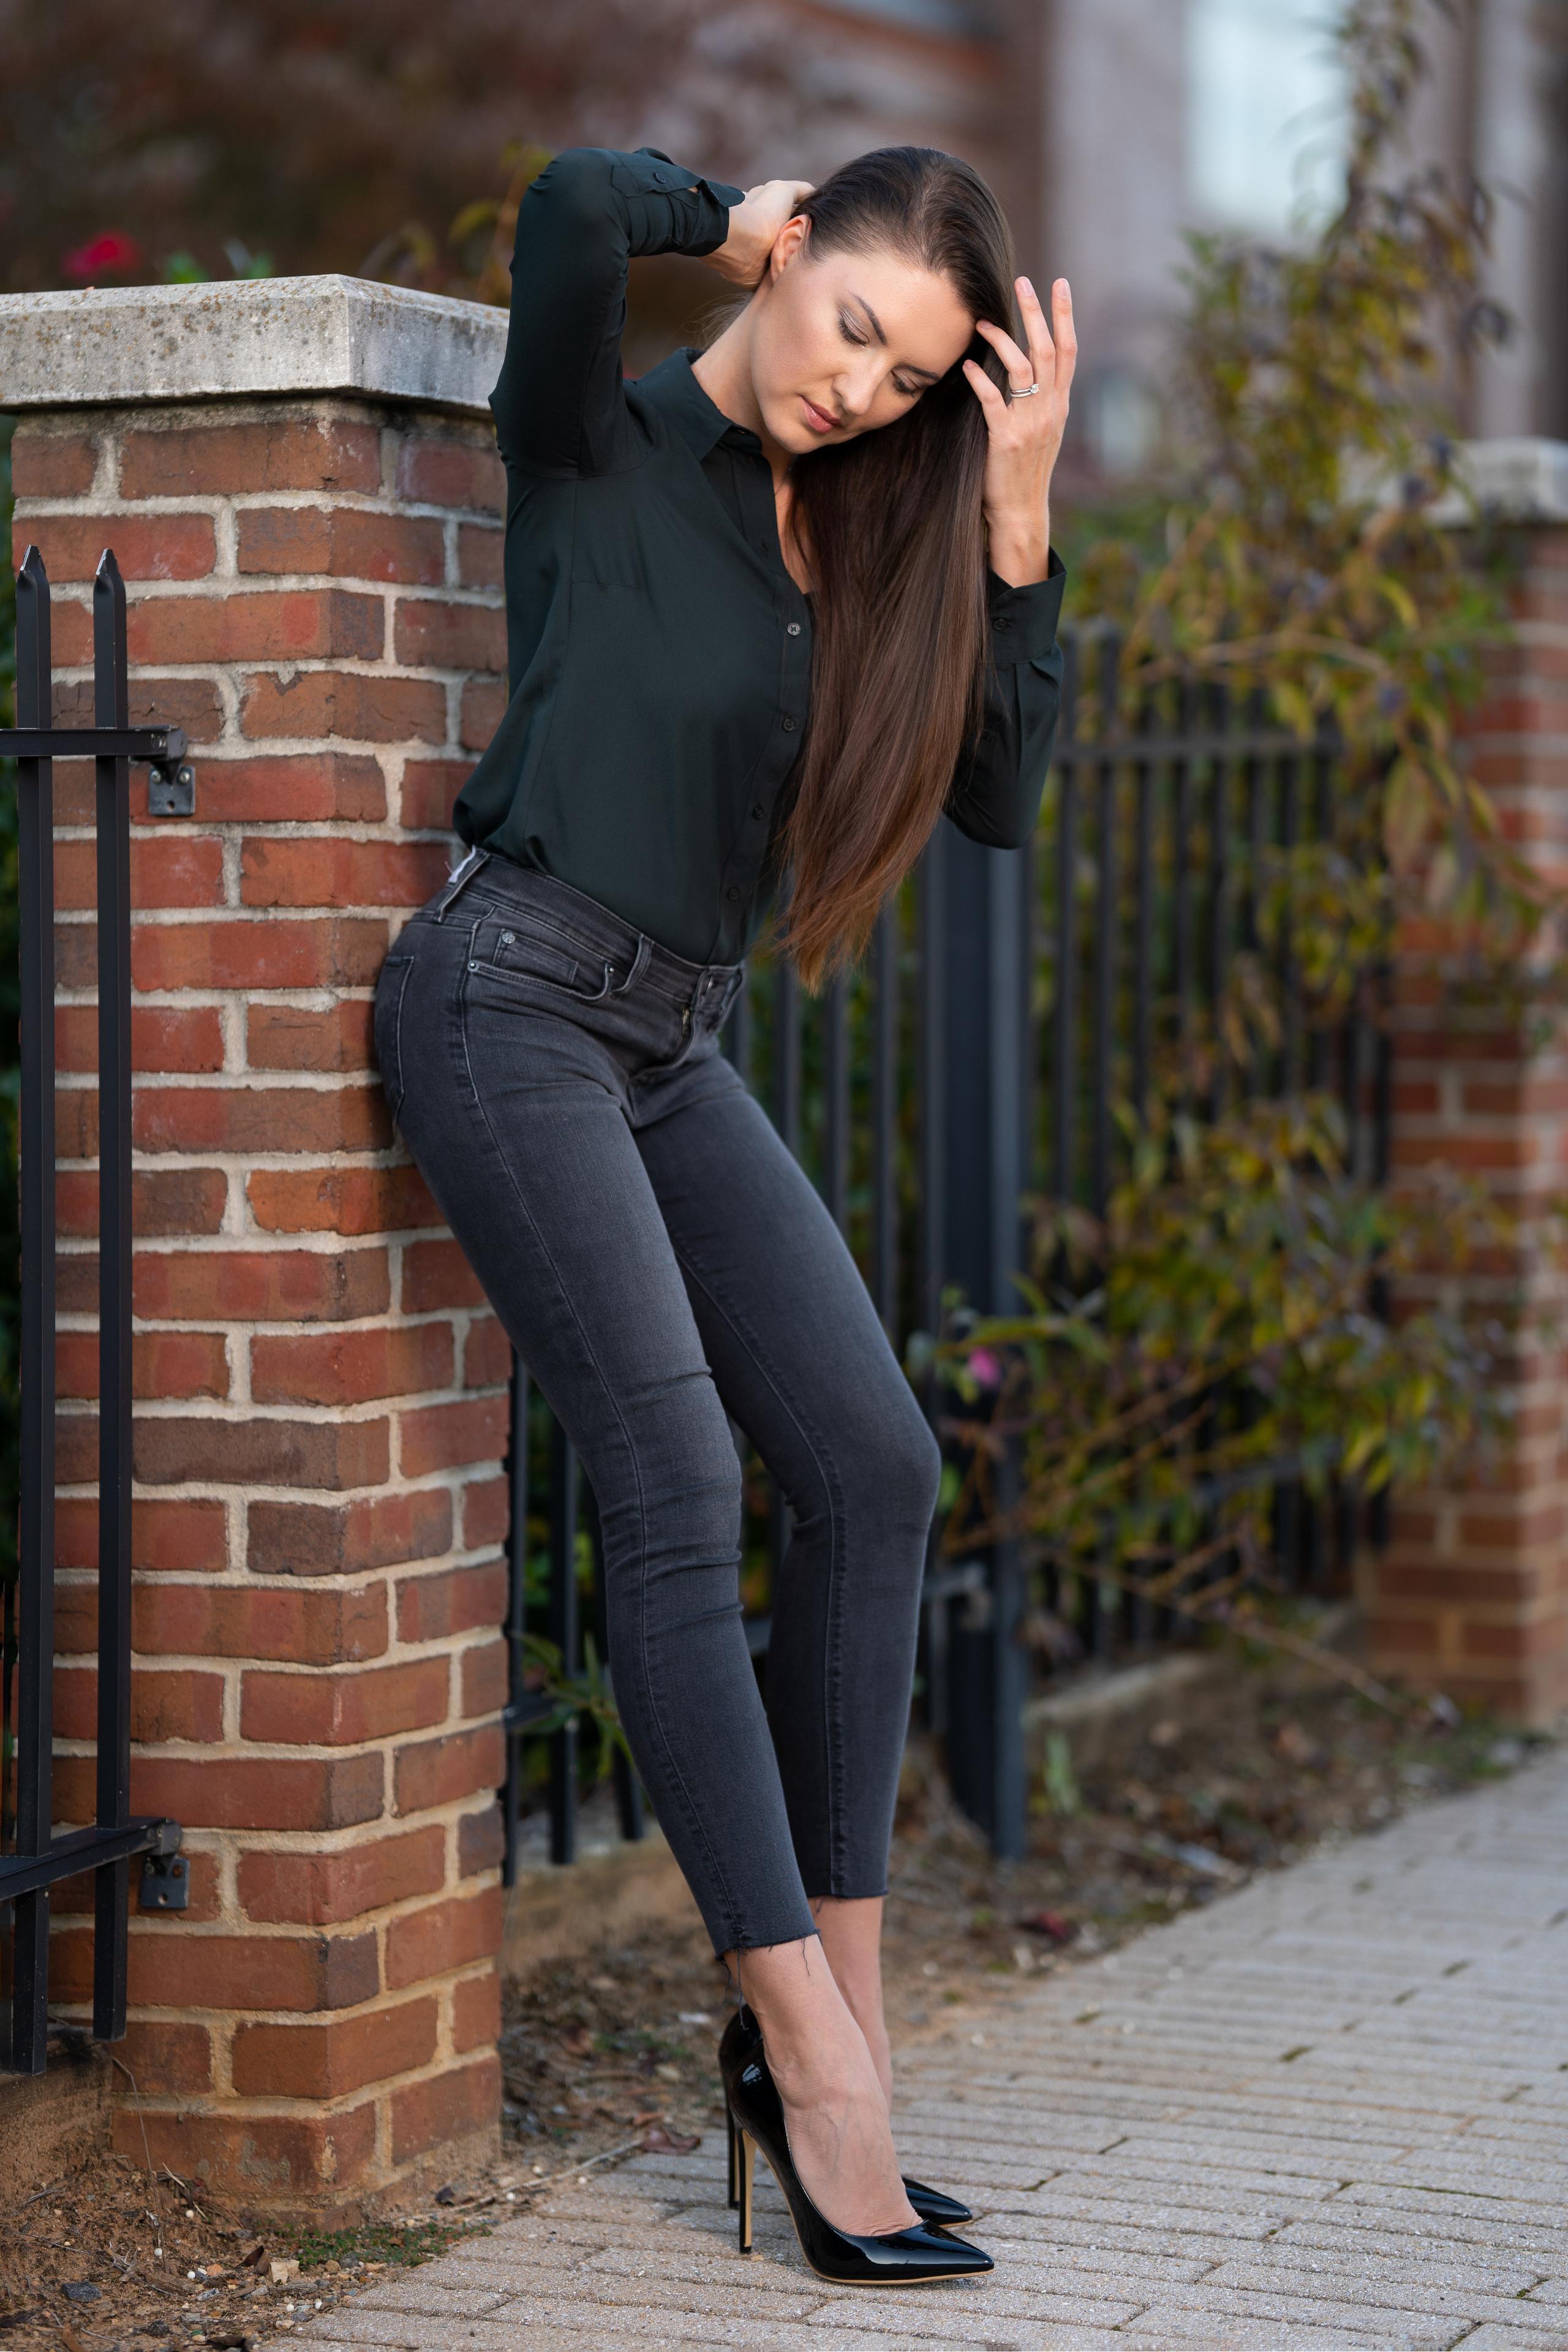 Обои для рабочего стола Natalia Larioshina Модель Поза Рубашка молодые женщины джинсов туфлях  для мобильного телефона фотомодель позирует рубашке рубашки девушка Девушки молодая женщина Джинсы Туфли туфель